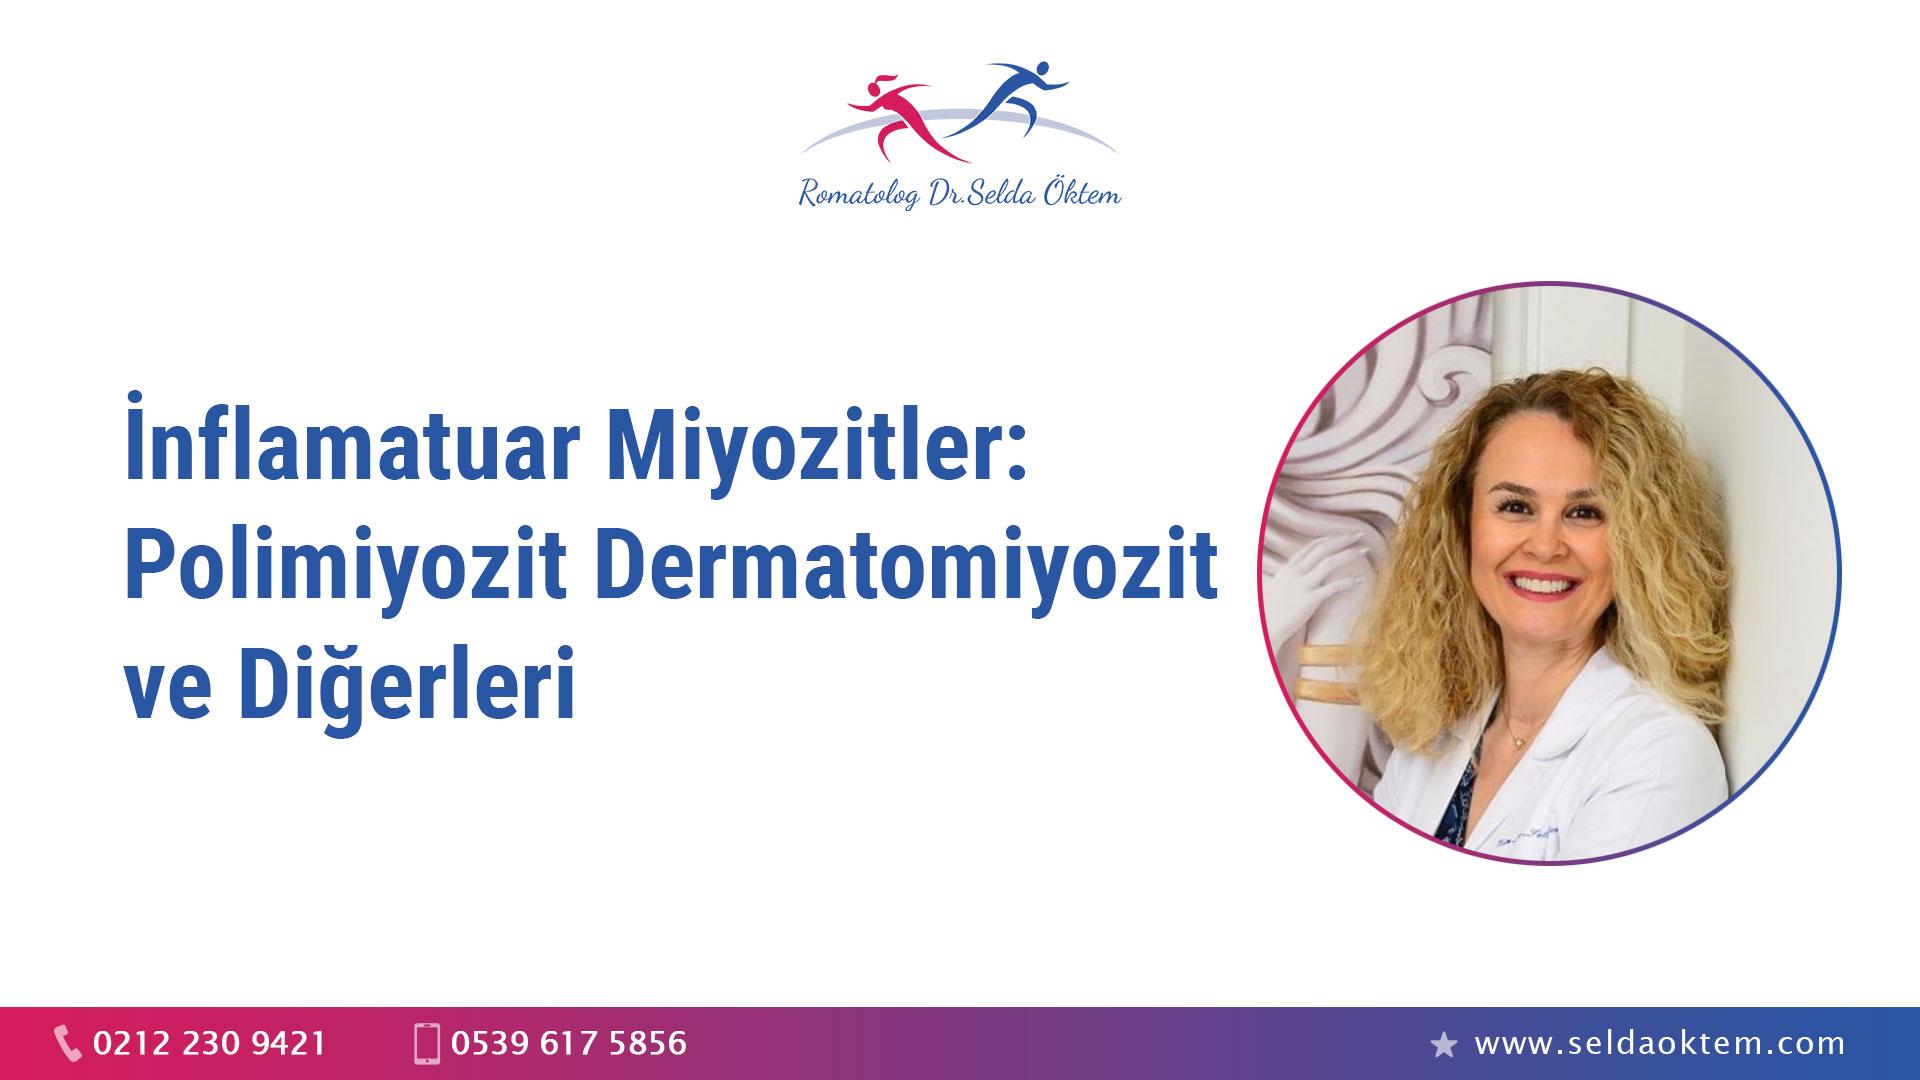 İnflamatuar Miyozitler: Polimiyozit Dermatomiyozit ve Diğerleri